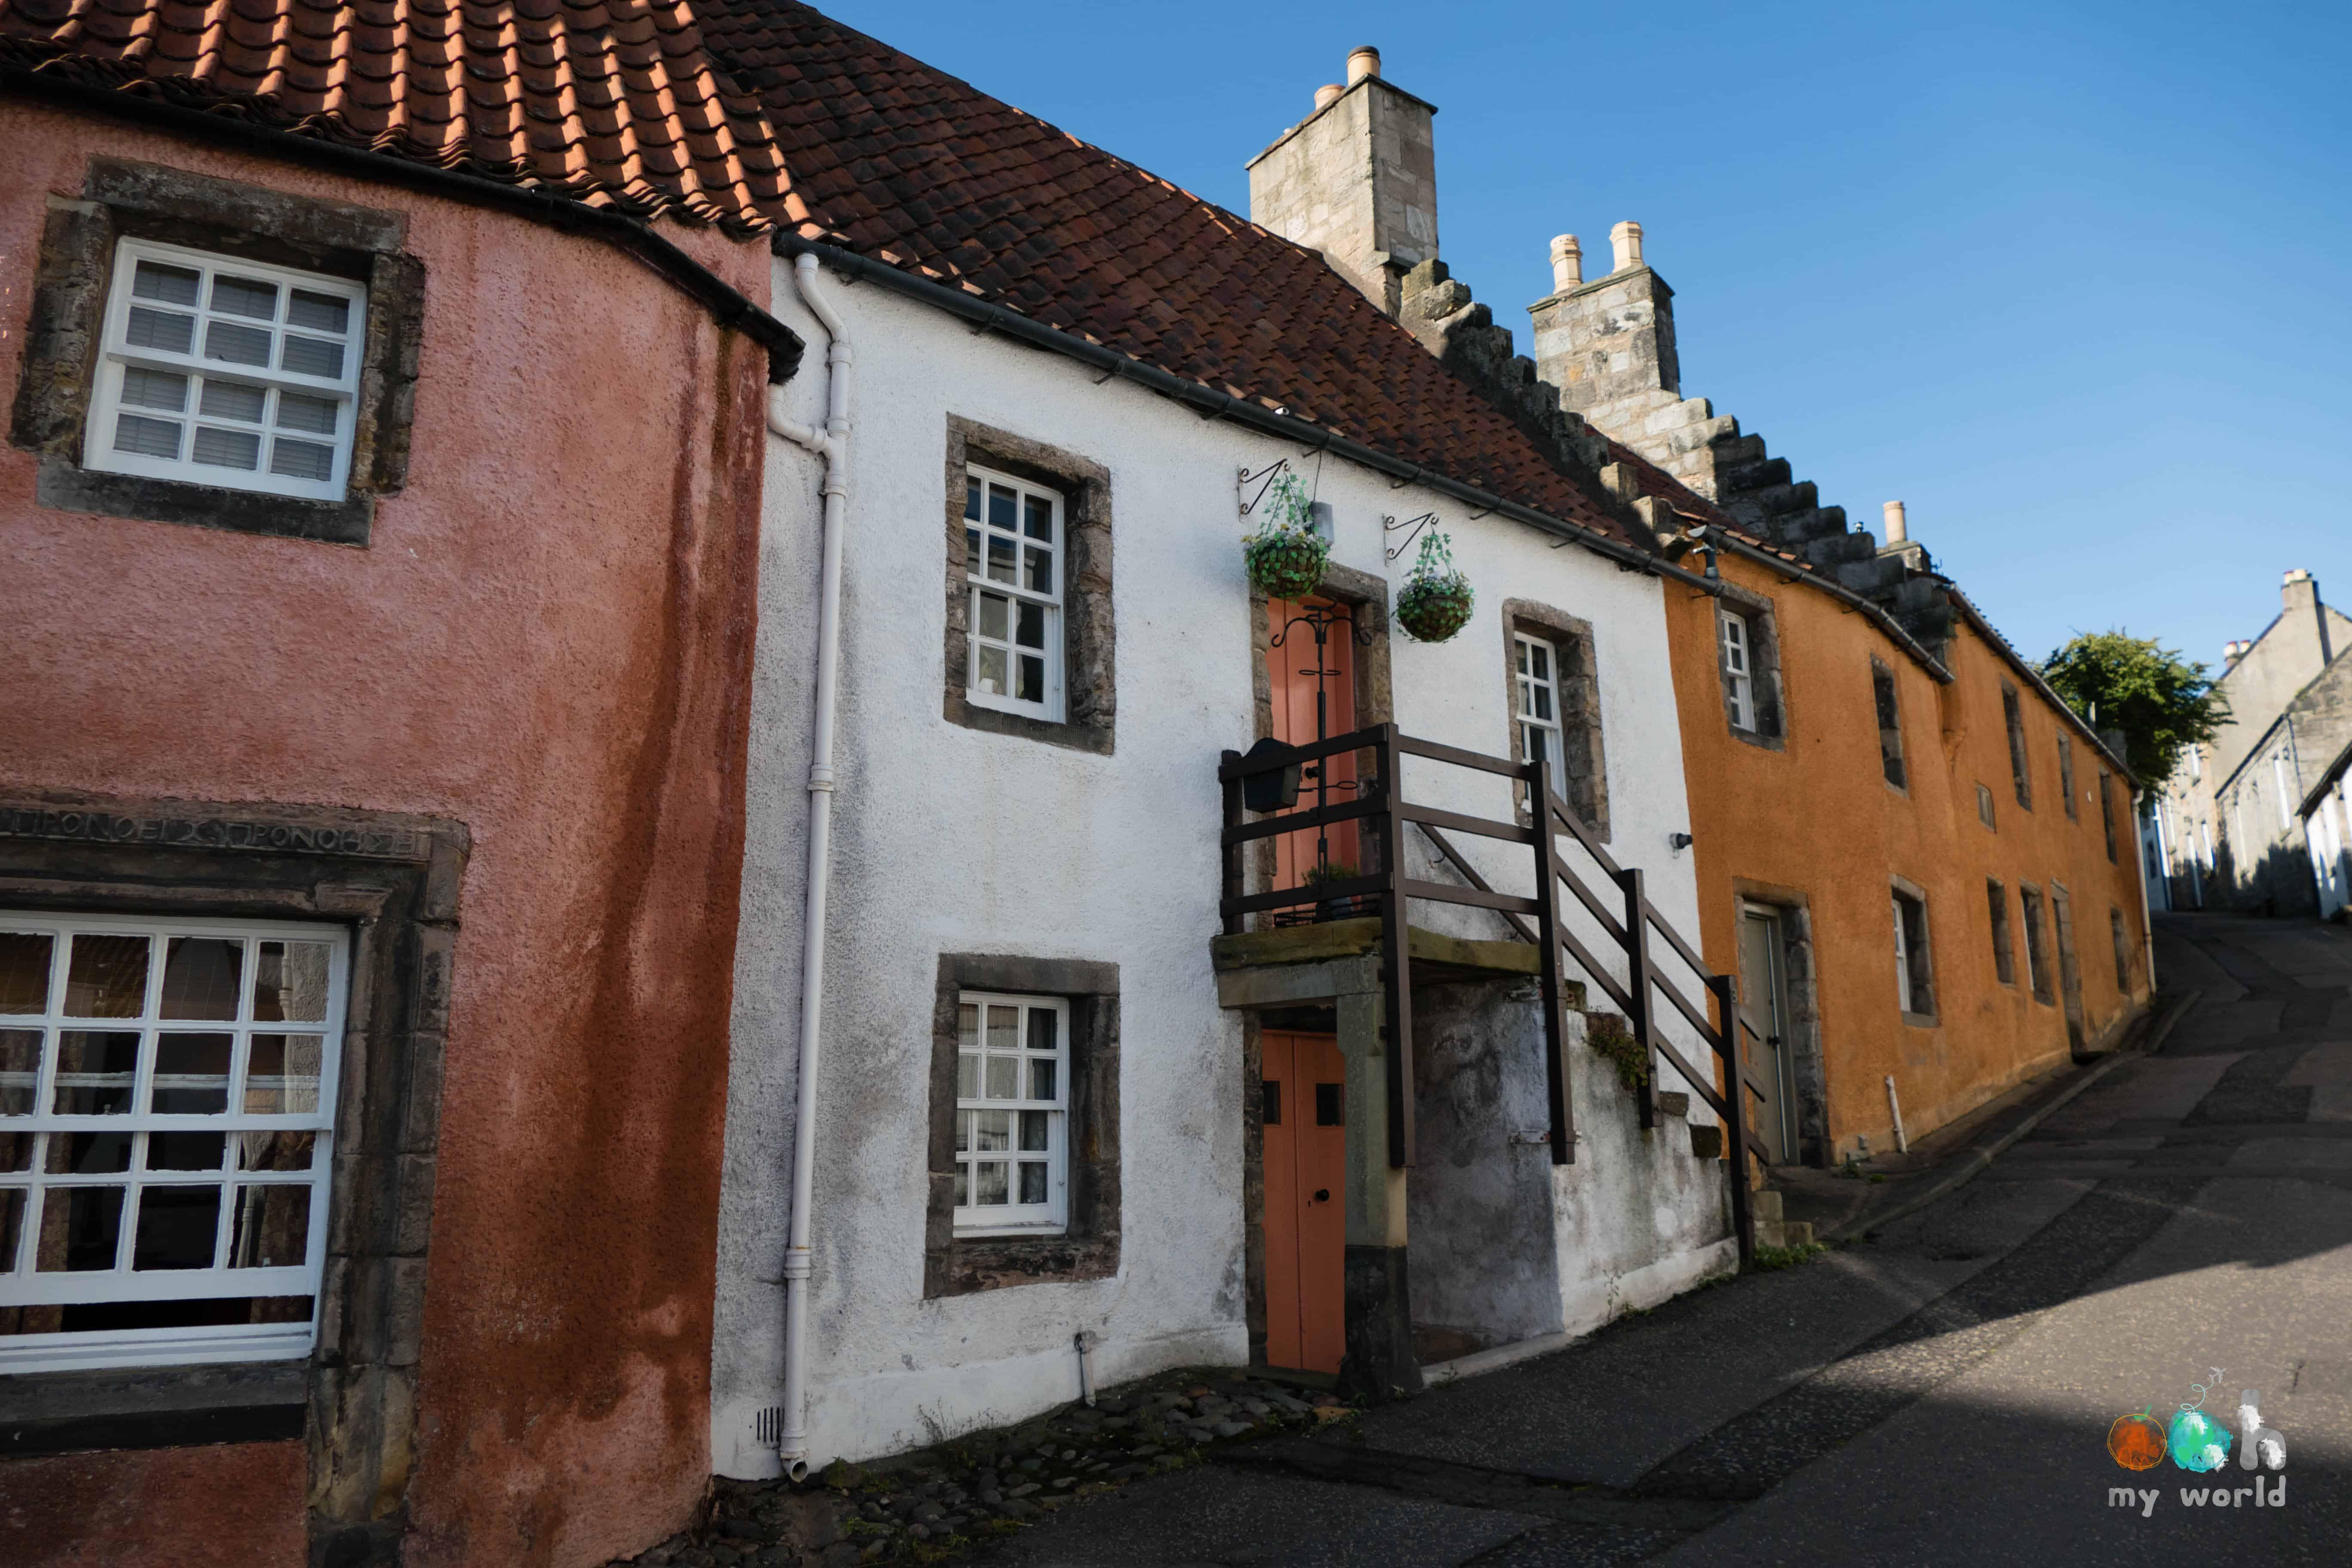 Maisons historiques du village de Culross à Fife